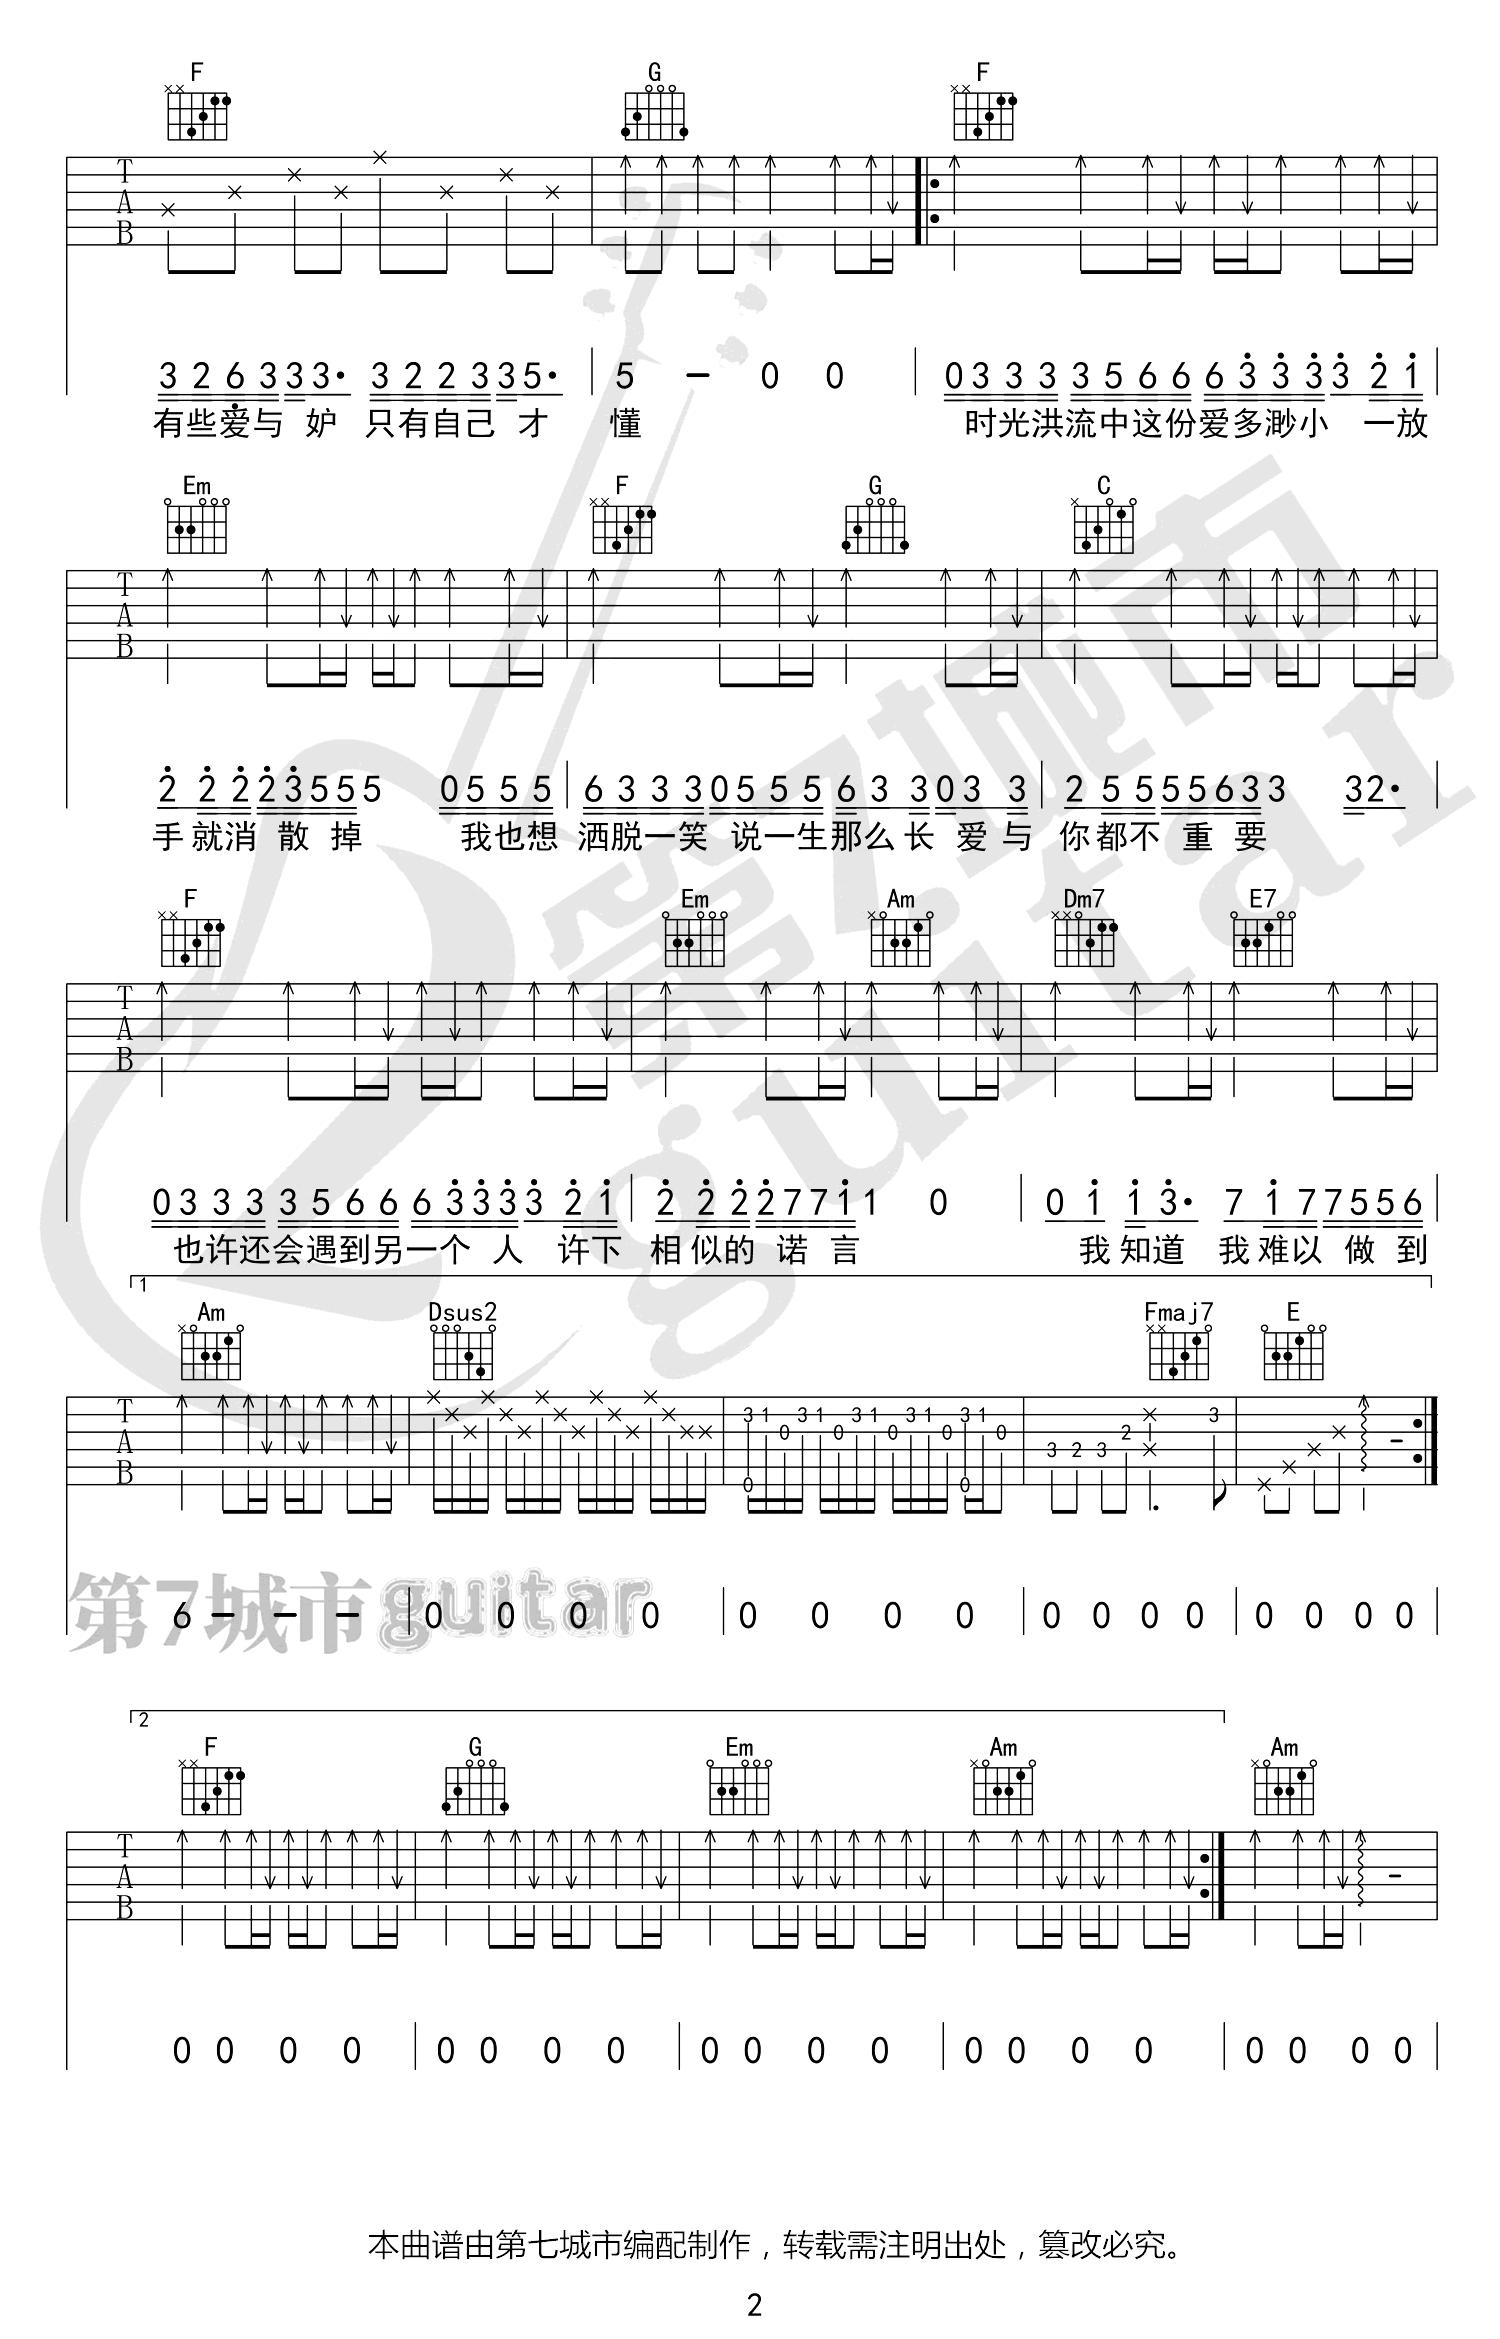 程响-时光洪流吉他谱-吉他帮-2